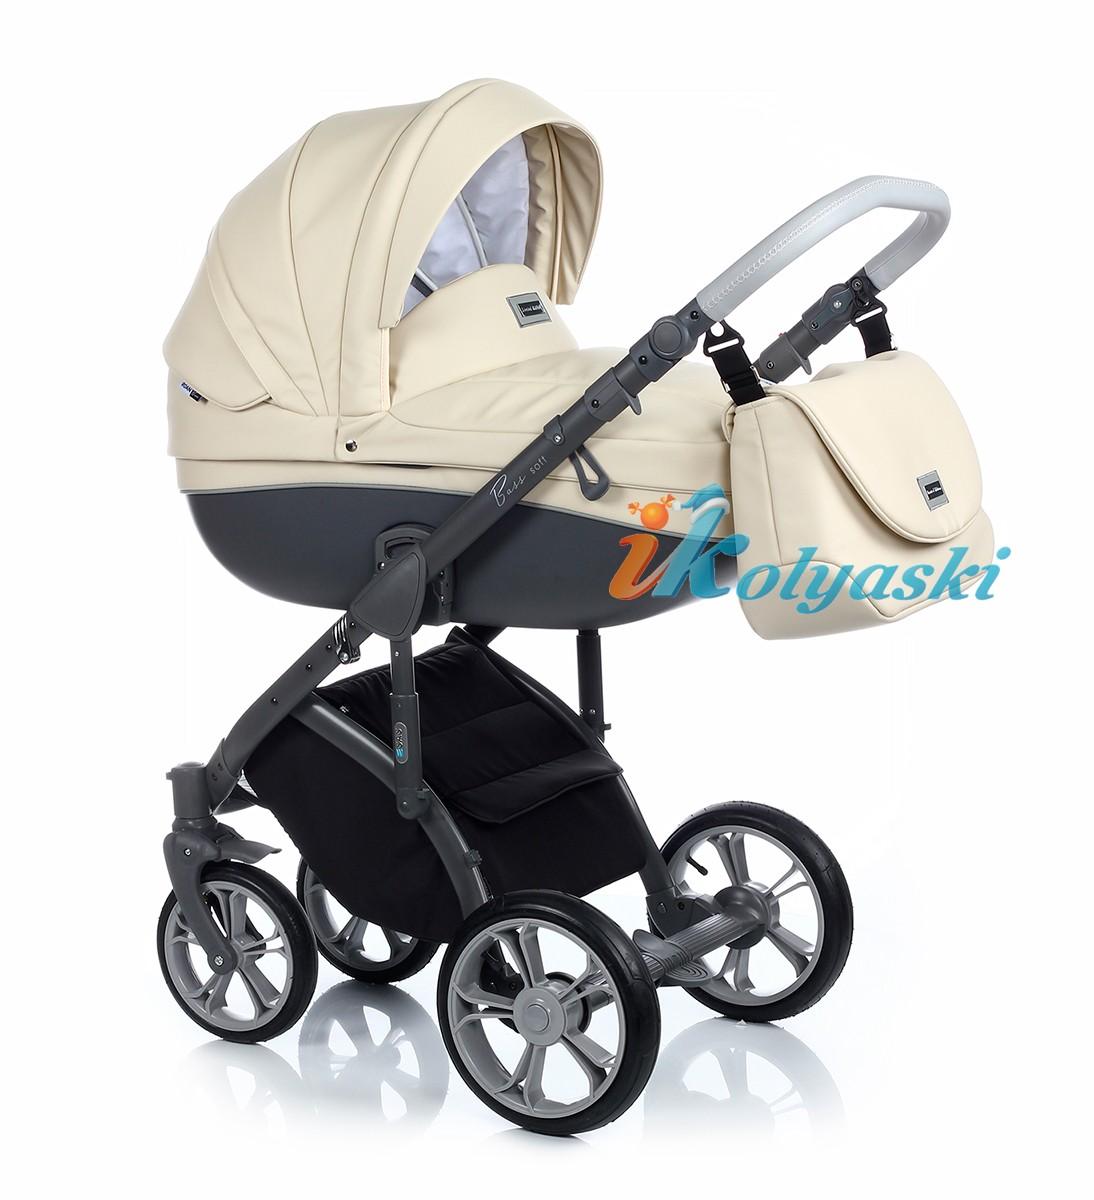 Детская коляска для новорожденных Roan Bass Soft LE, коляска 3 в 1, Роан Басс Софт 3 в 1, купить коляску 3 в 1, модные коляски 3 в 1, лучшие коляски 3 в 1, коляски для новорожденных 3 в 1, коляска на поворотных колесах, Roan Bass Soft ECO-LEATHER COLLECTION -  color CREAM SHAKE